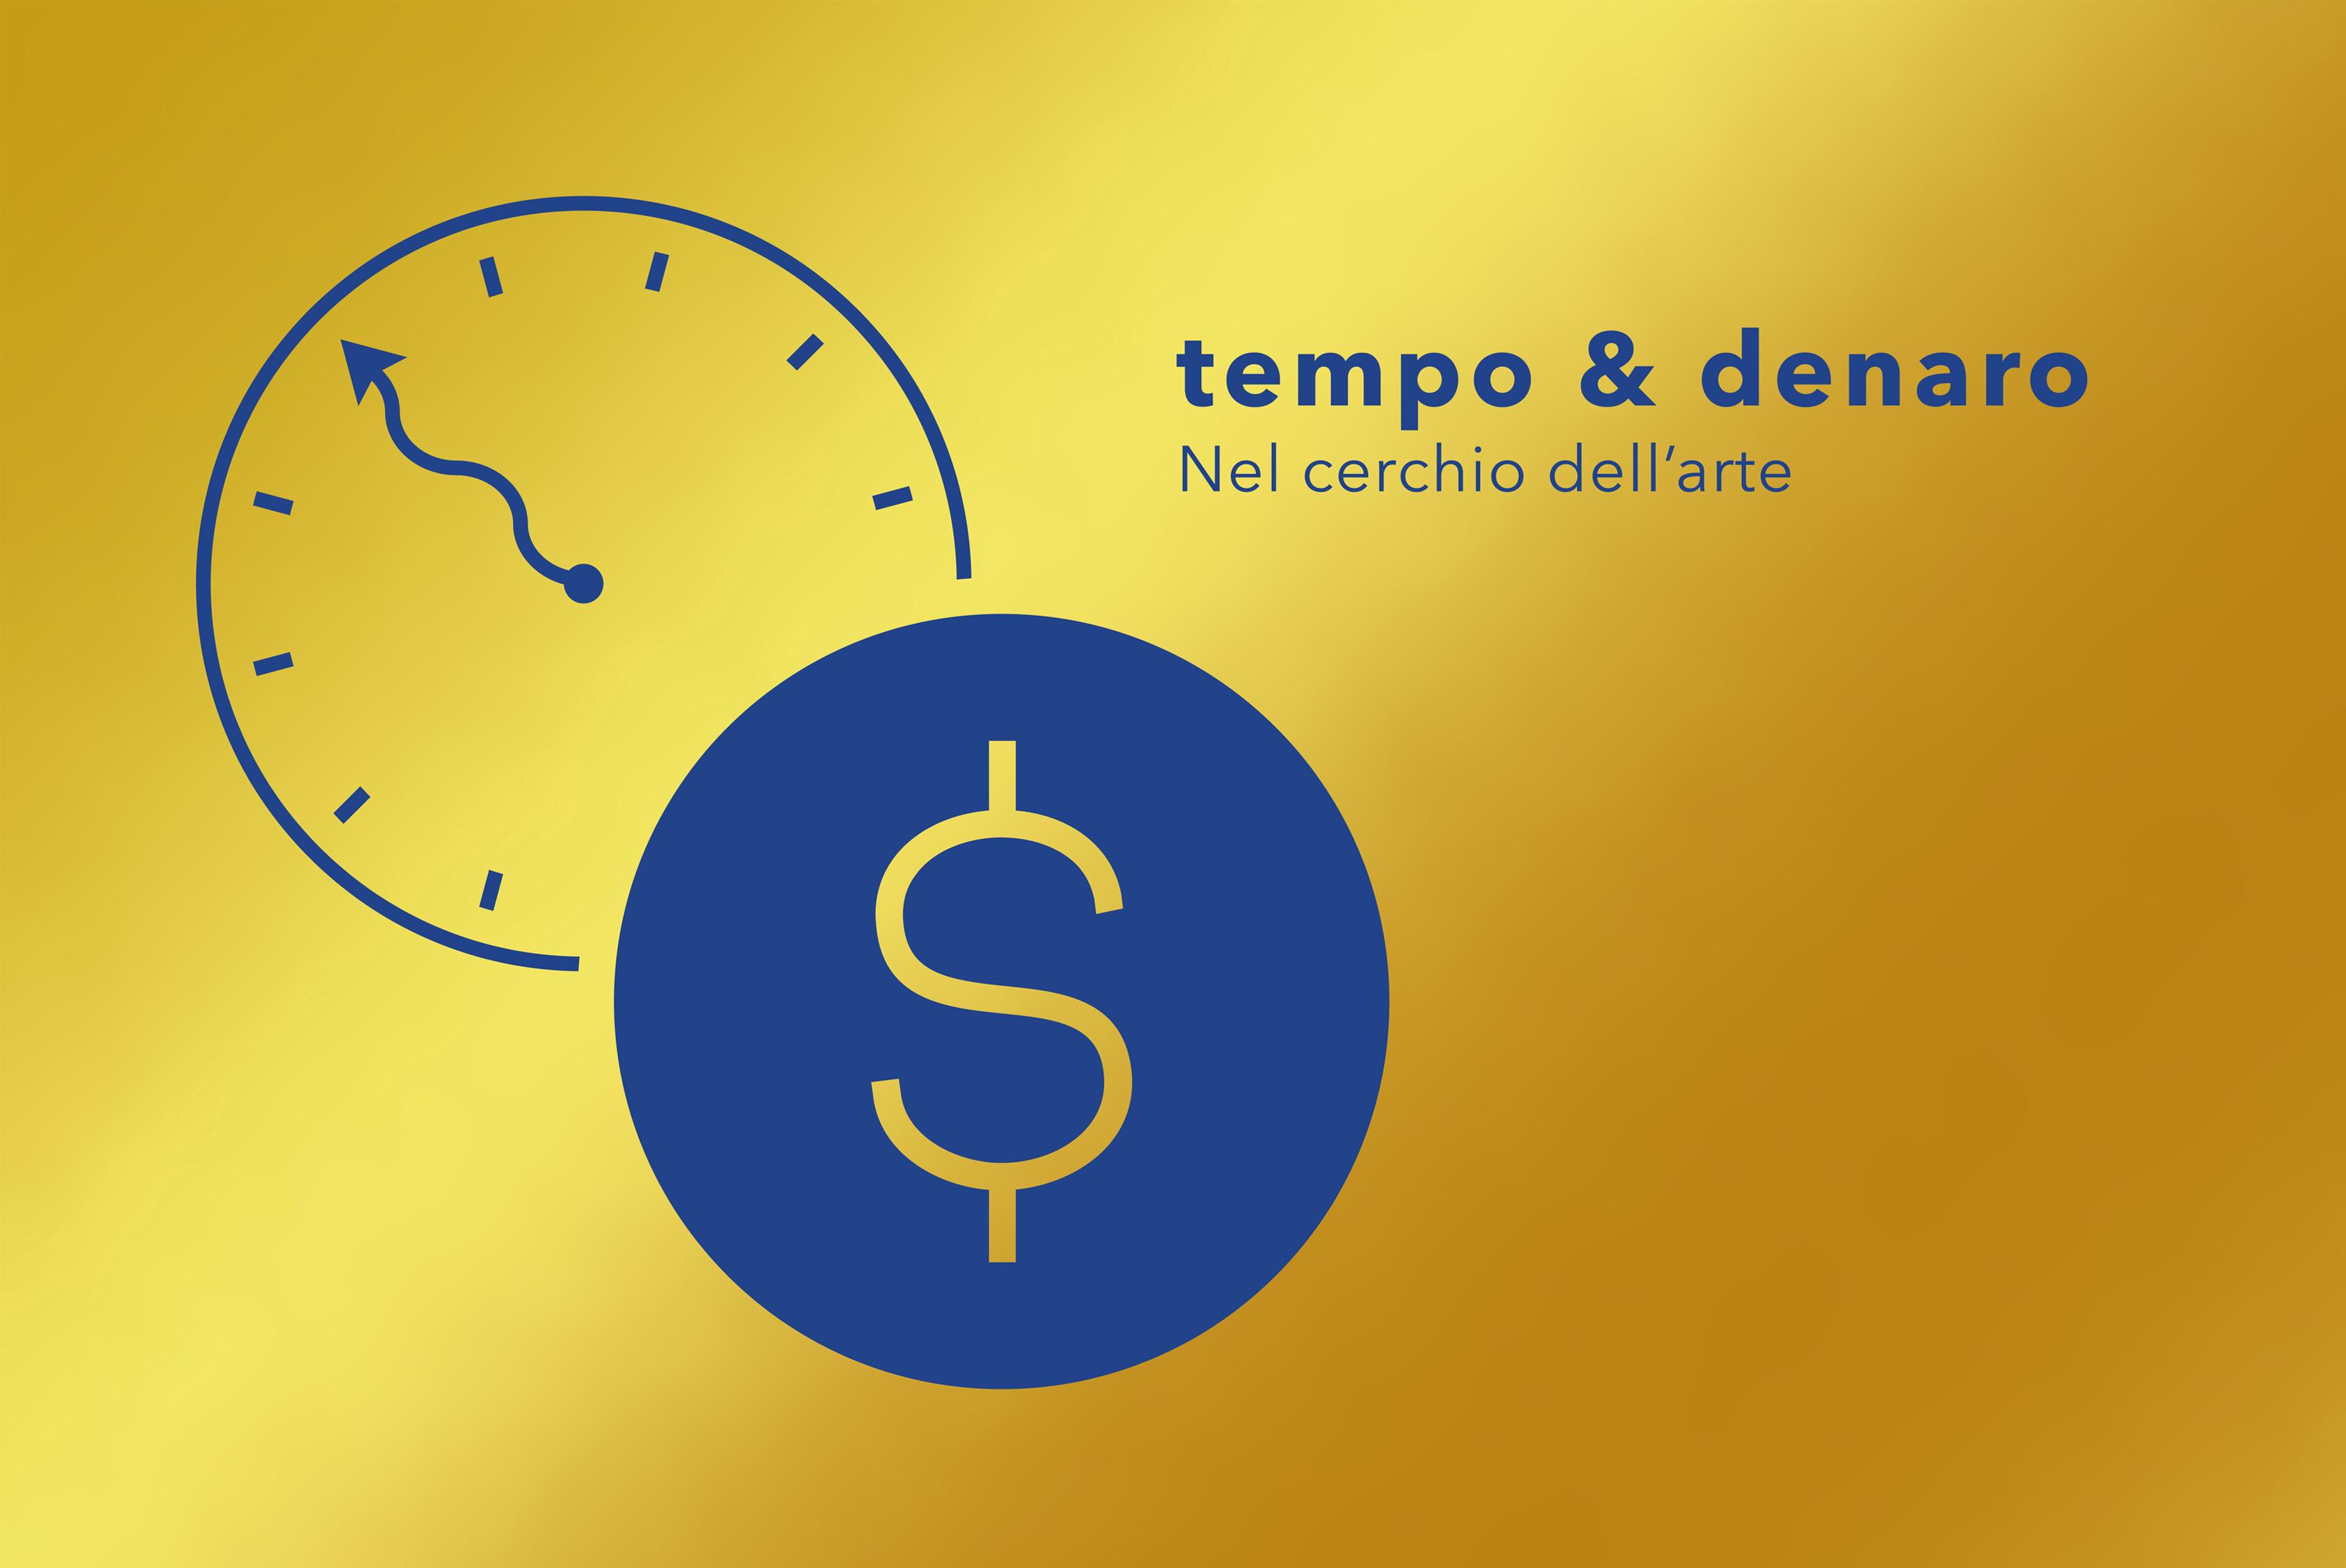 poster_tempo_e_denaro_larixpress